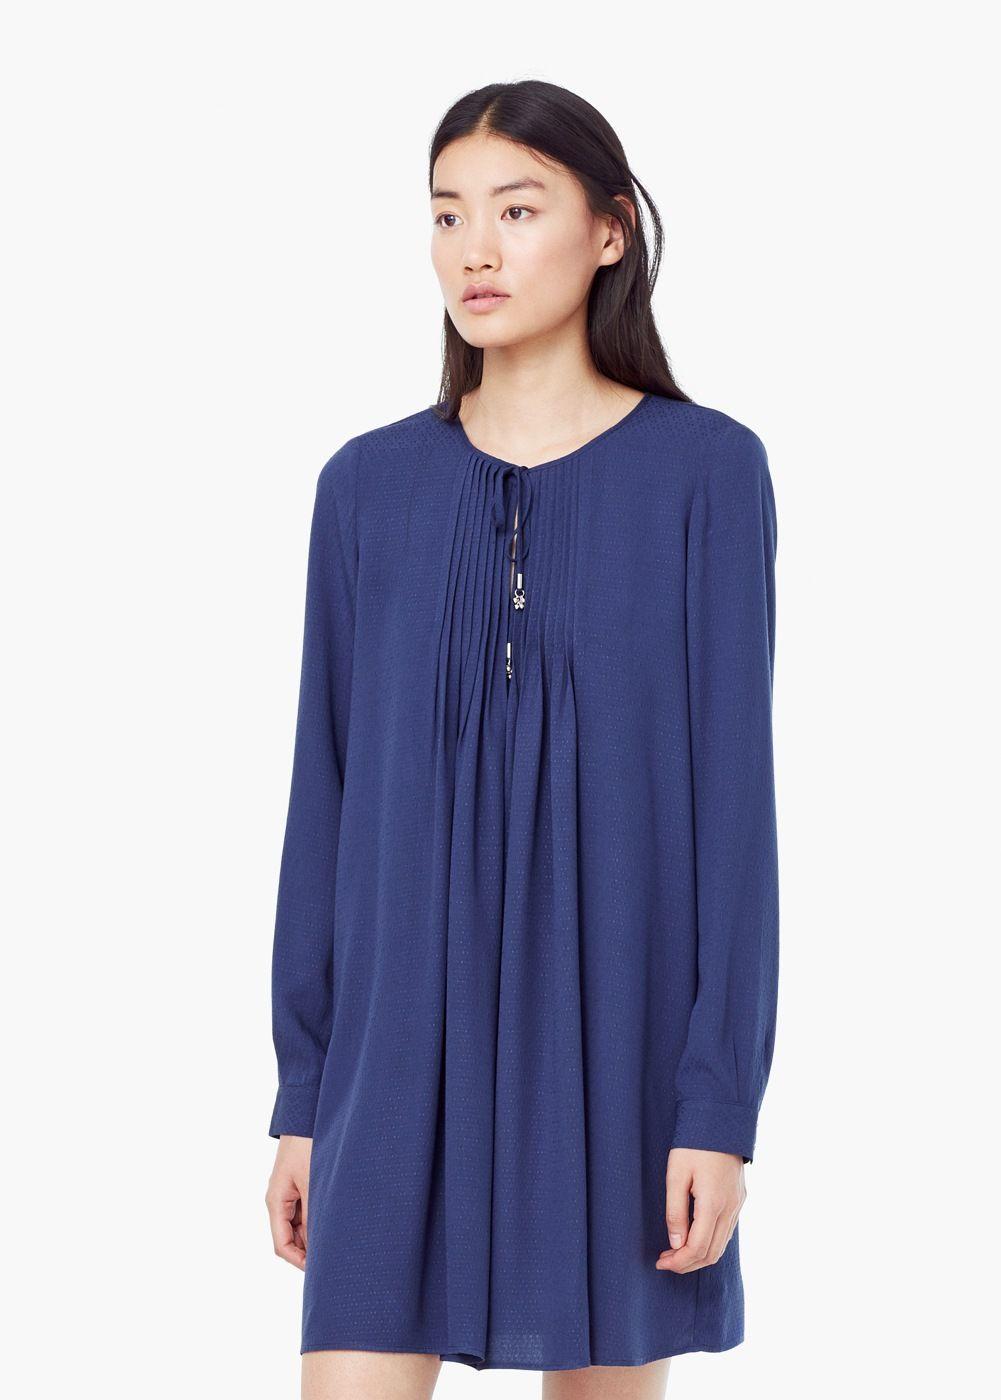 Vestido panel plisado - Mujer | Plisado, Panel y Mango